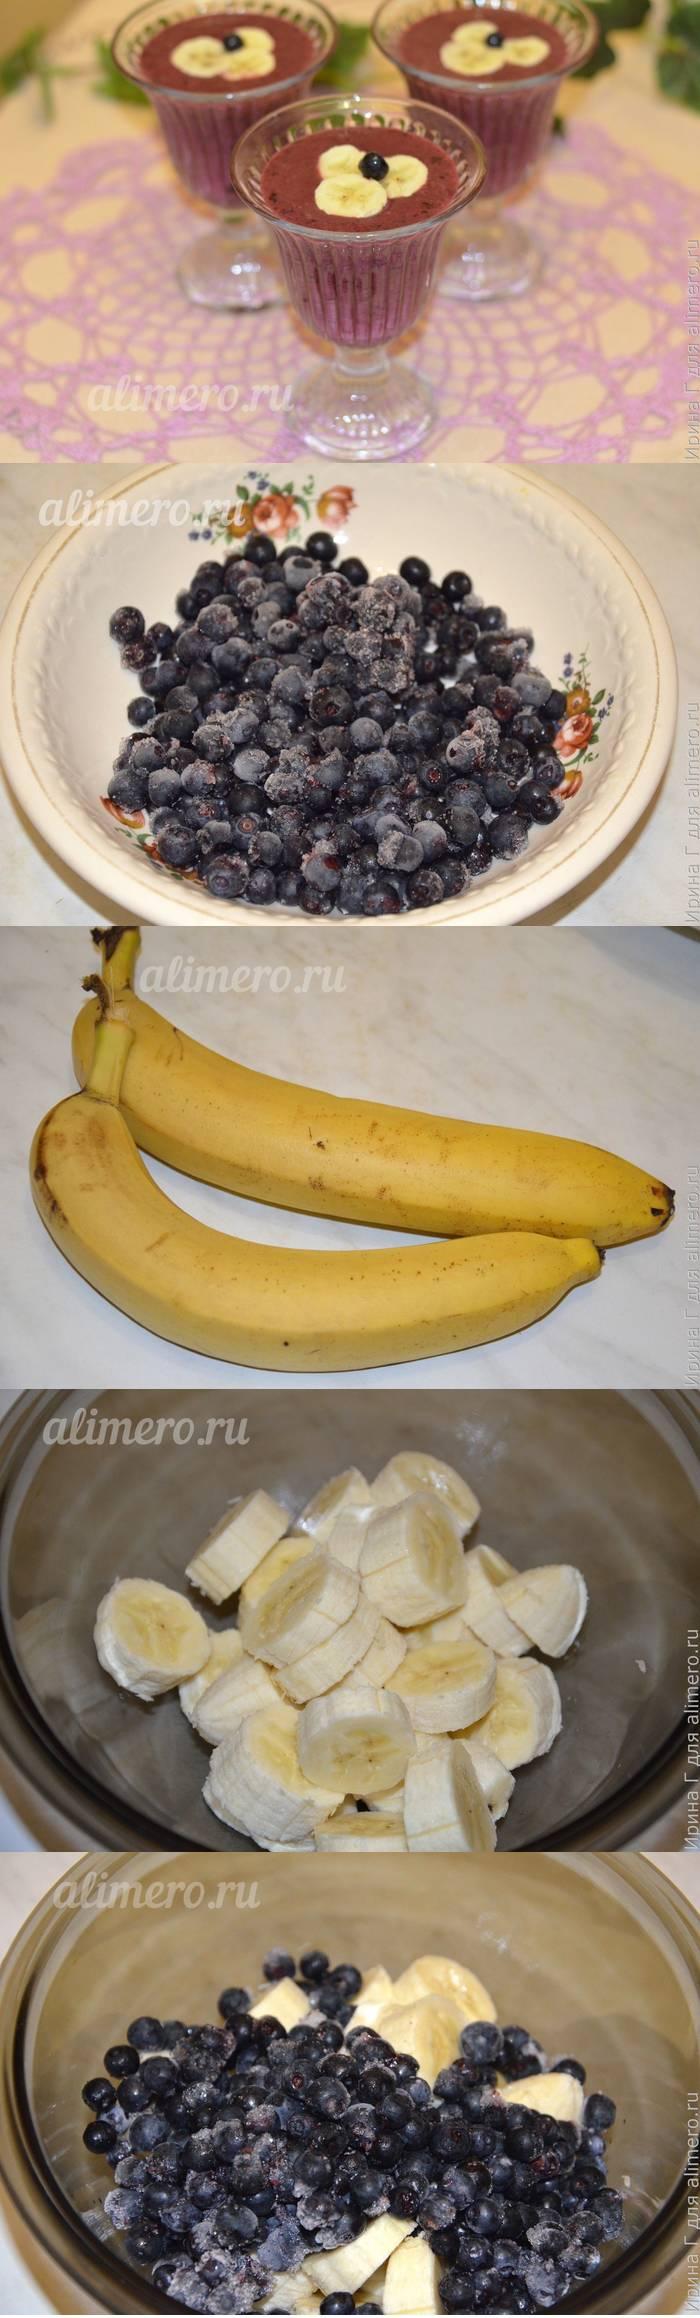 Смузи с бананом и черникой